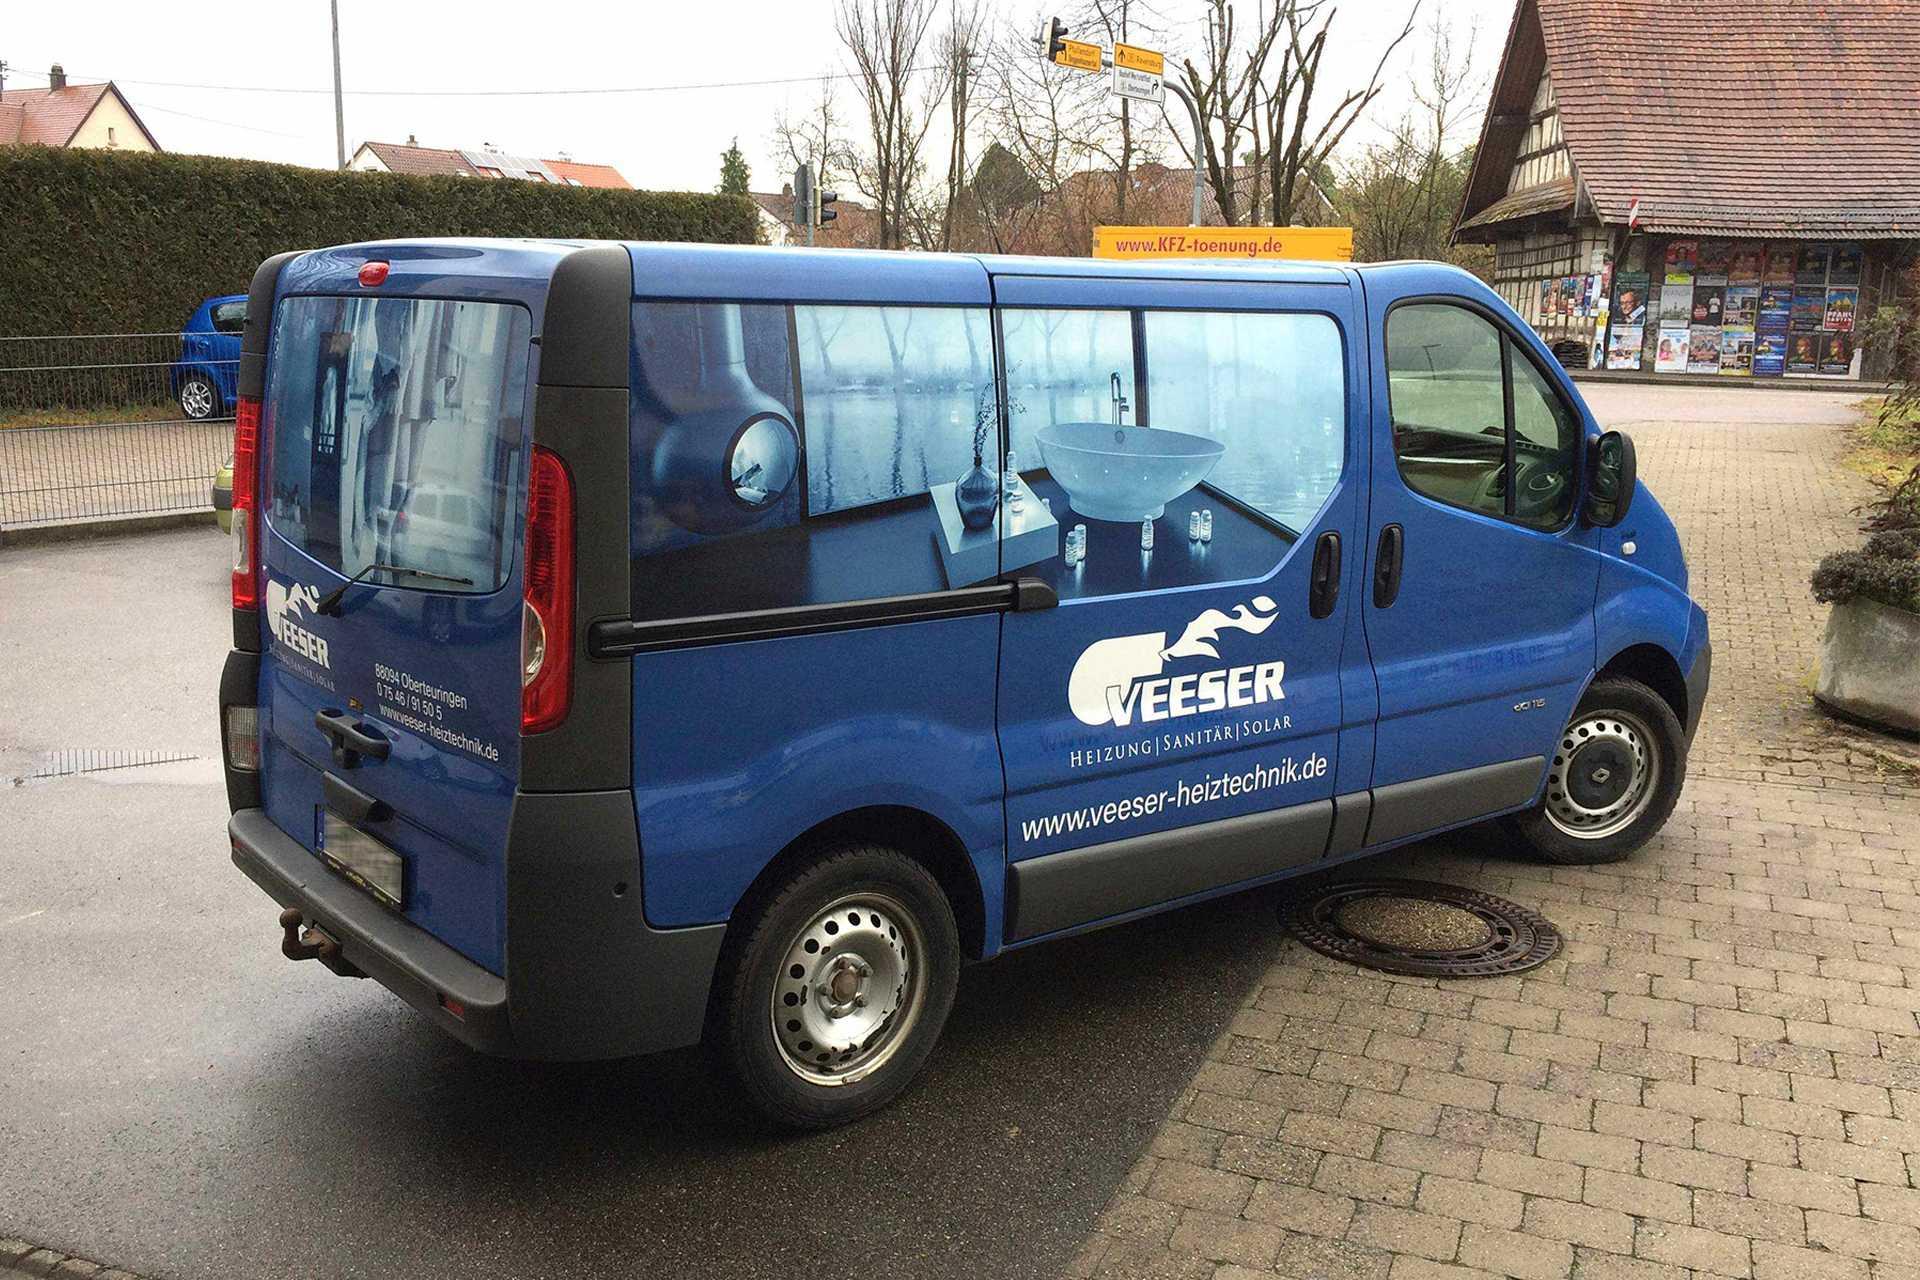 1IMG_8931_Ref_Fahrzeug